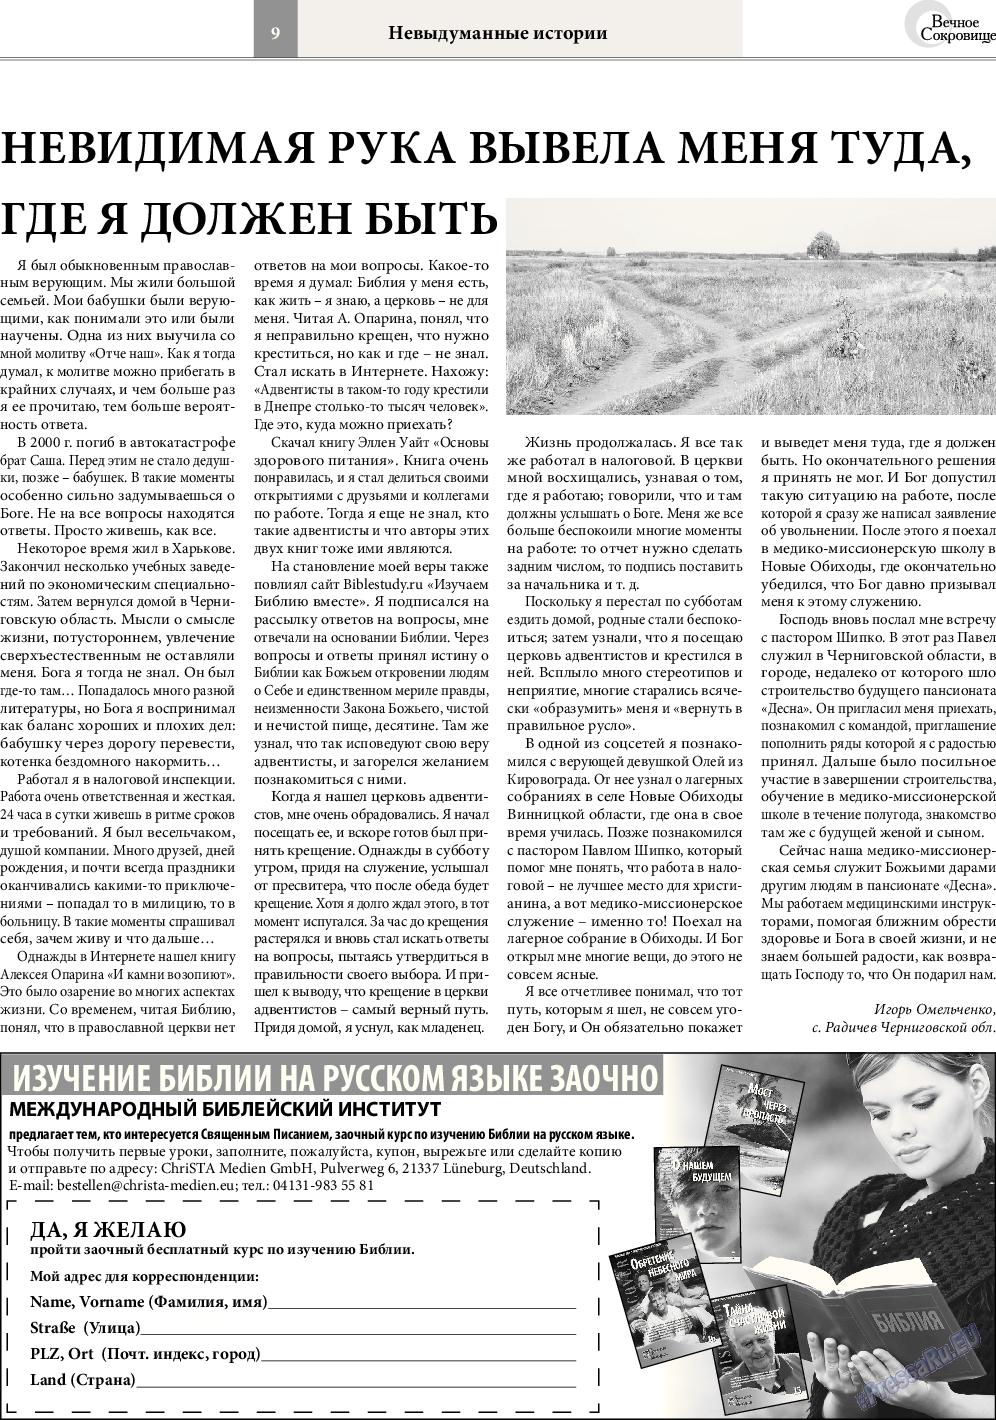 Вечное сокровище (газета). 2014 год, номер 5, стр. 9